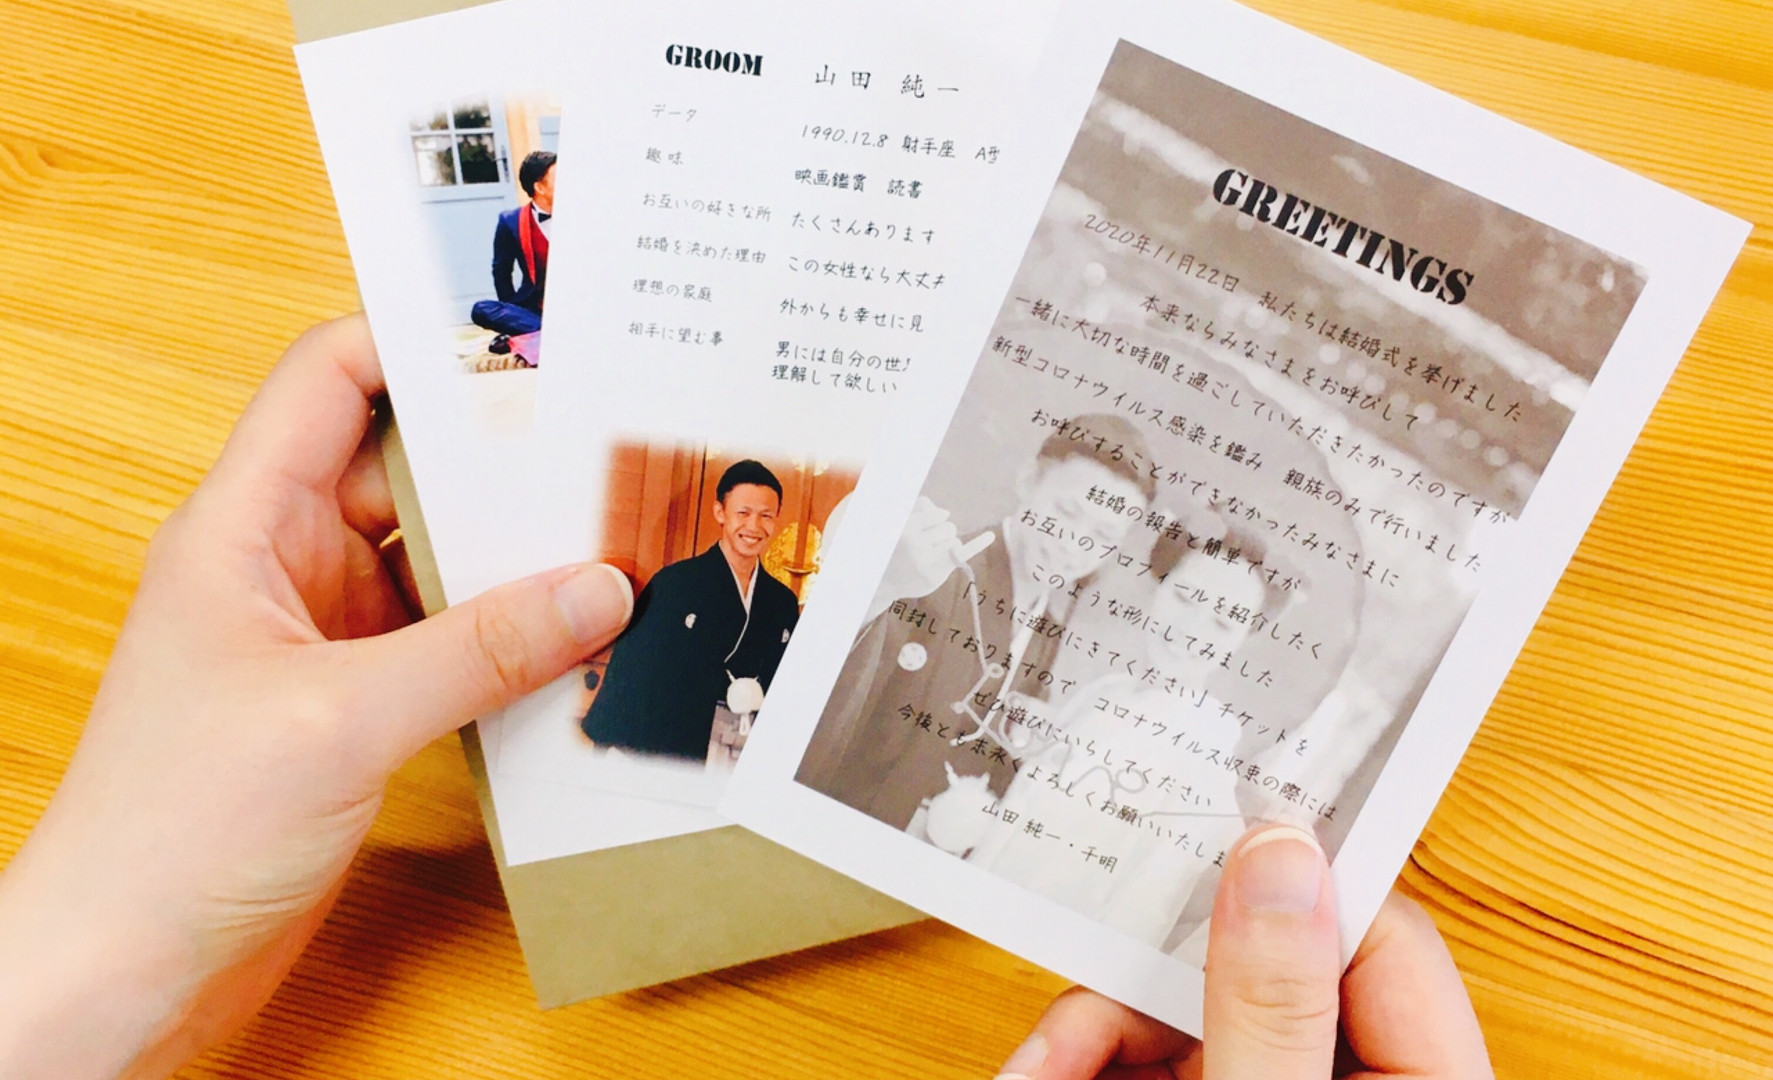 手持ち Just married デザイン2-C-4.jpg